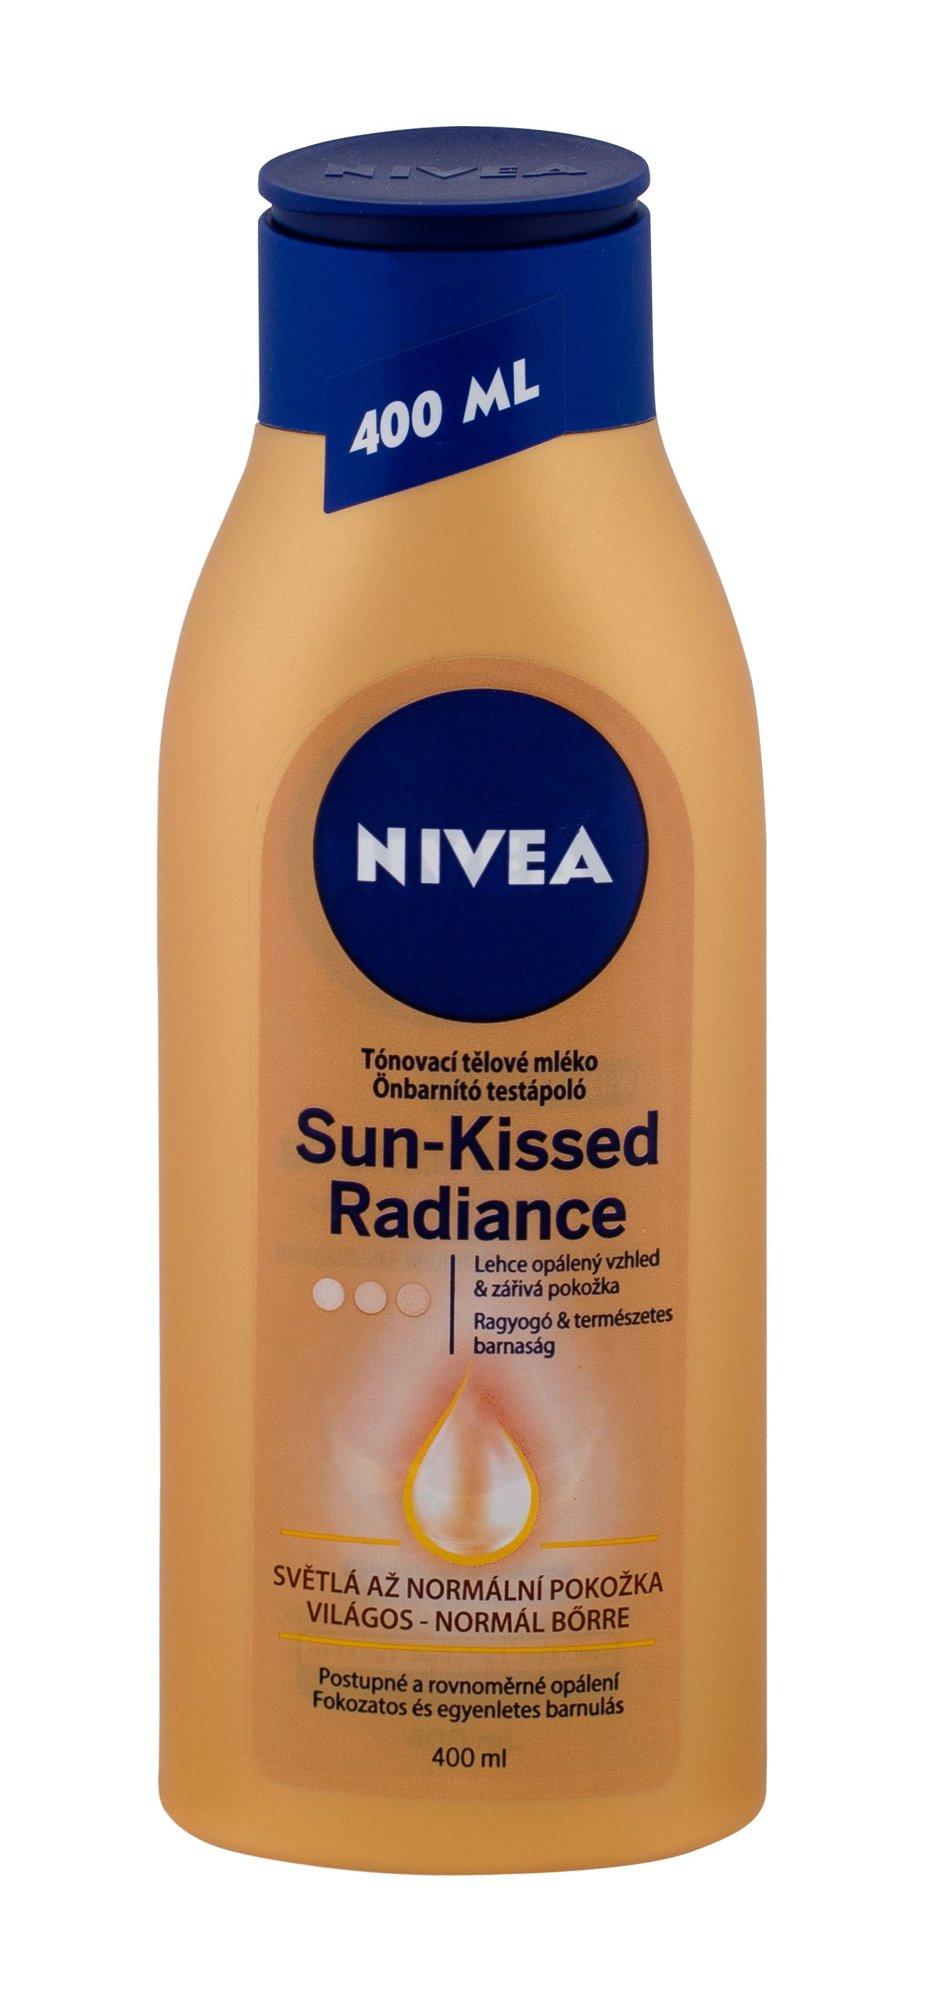 Nivea Sun-Kissed Radiance Self Tanning Product 400ml